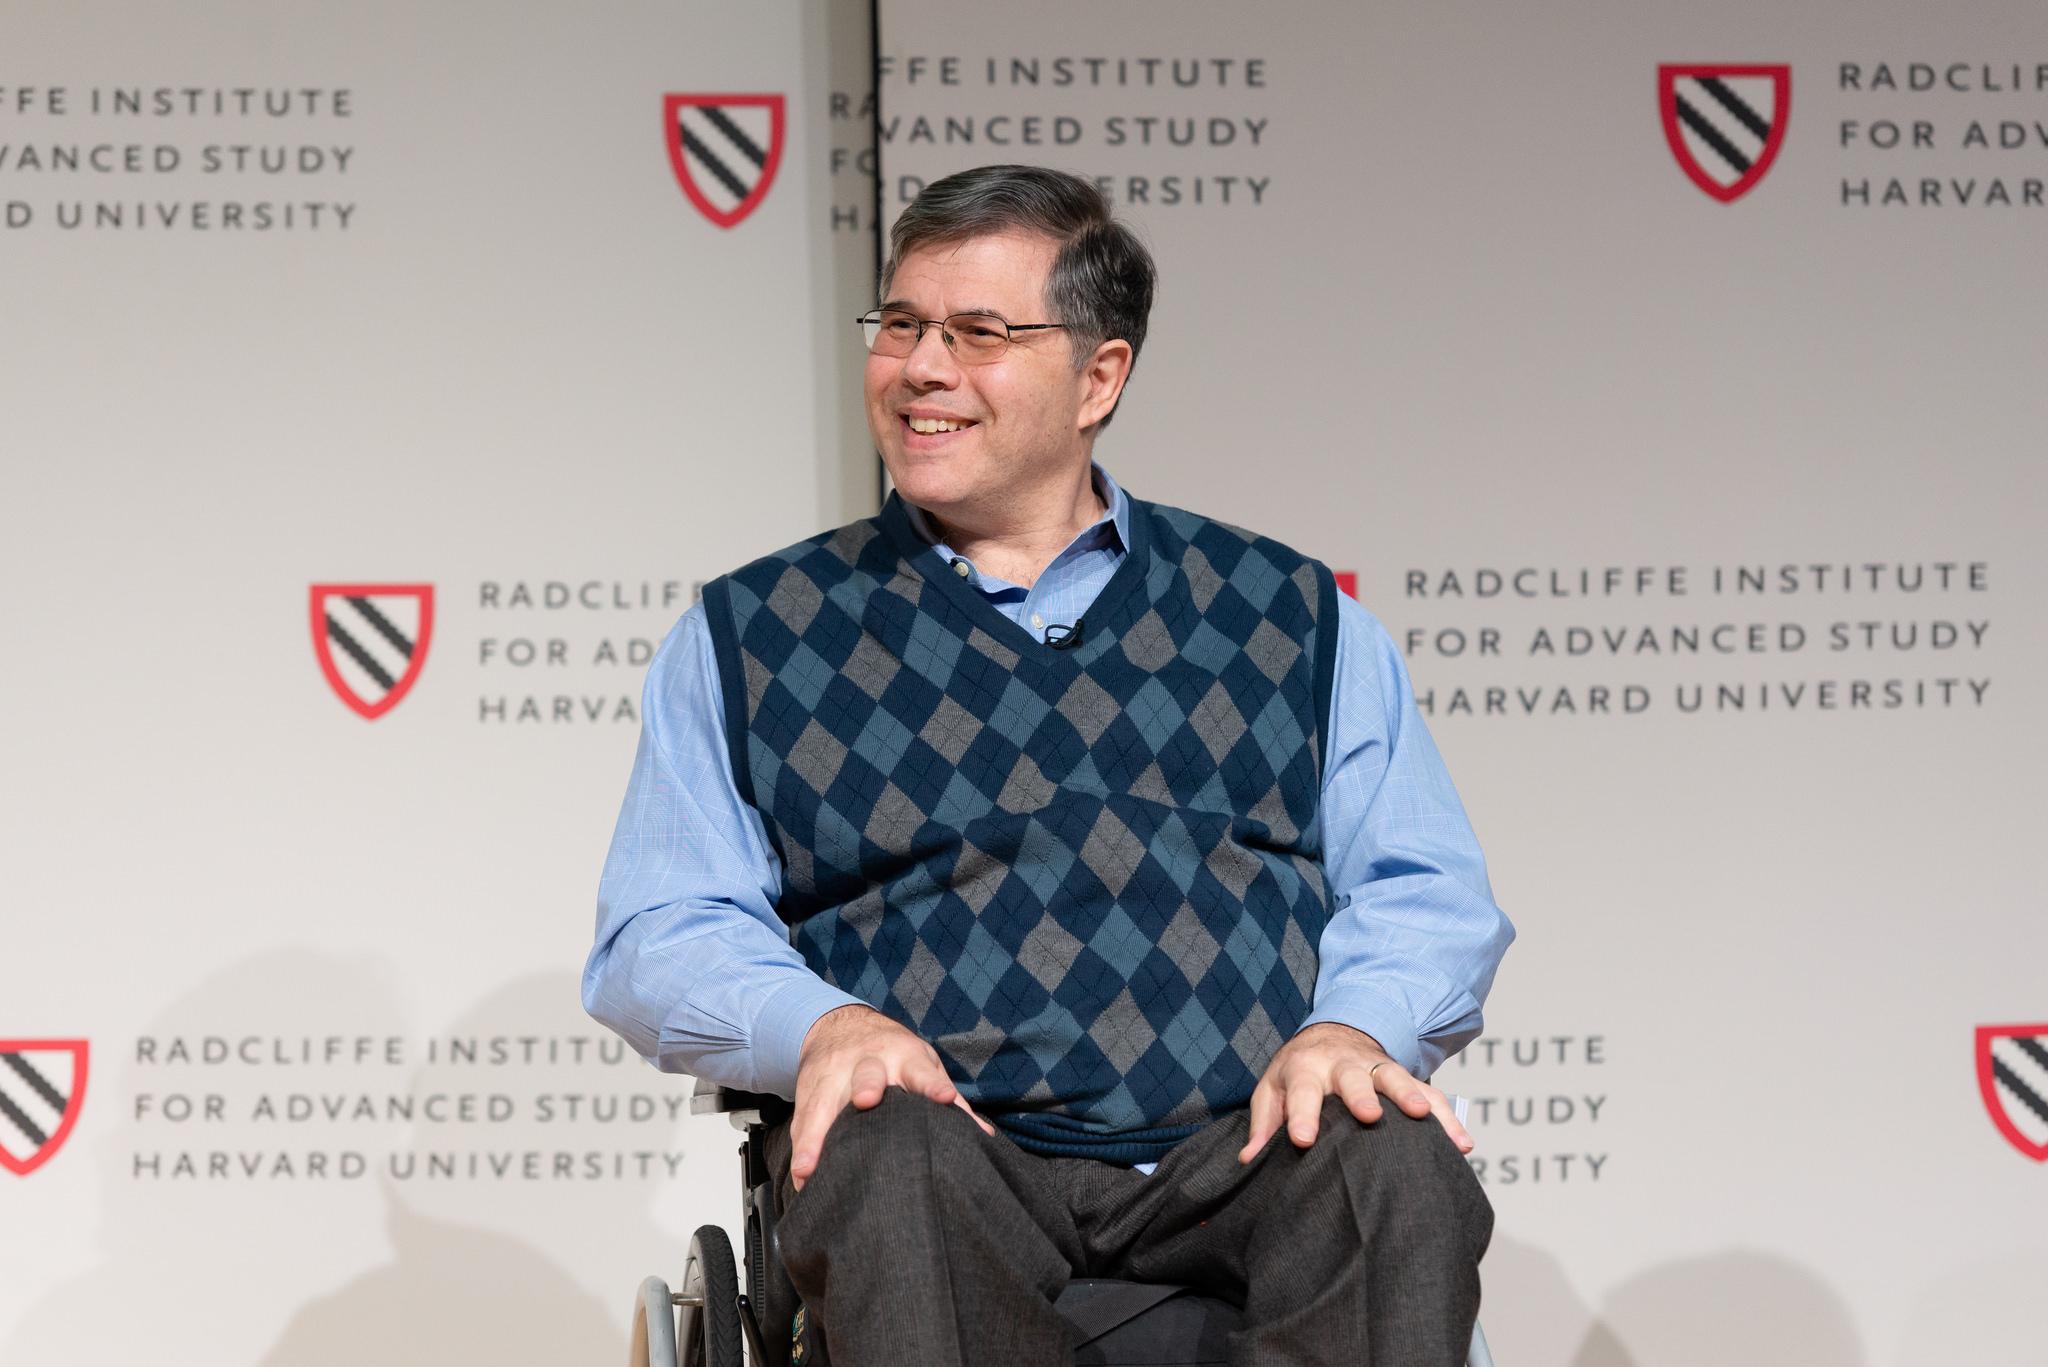 Mr. Michael Stein